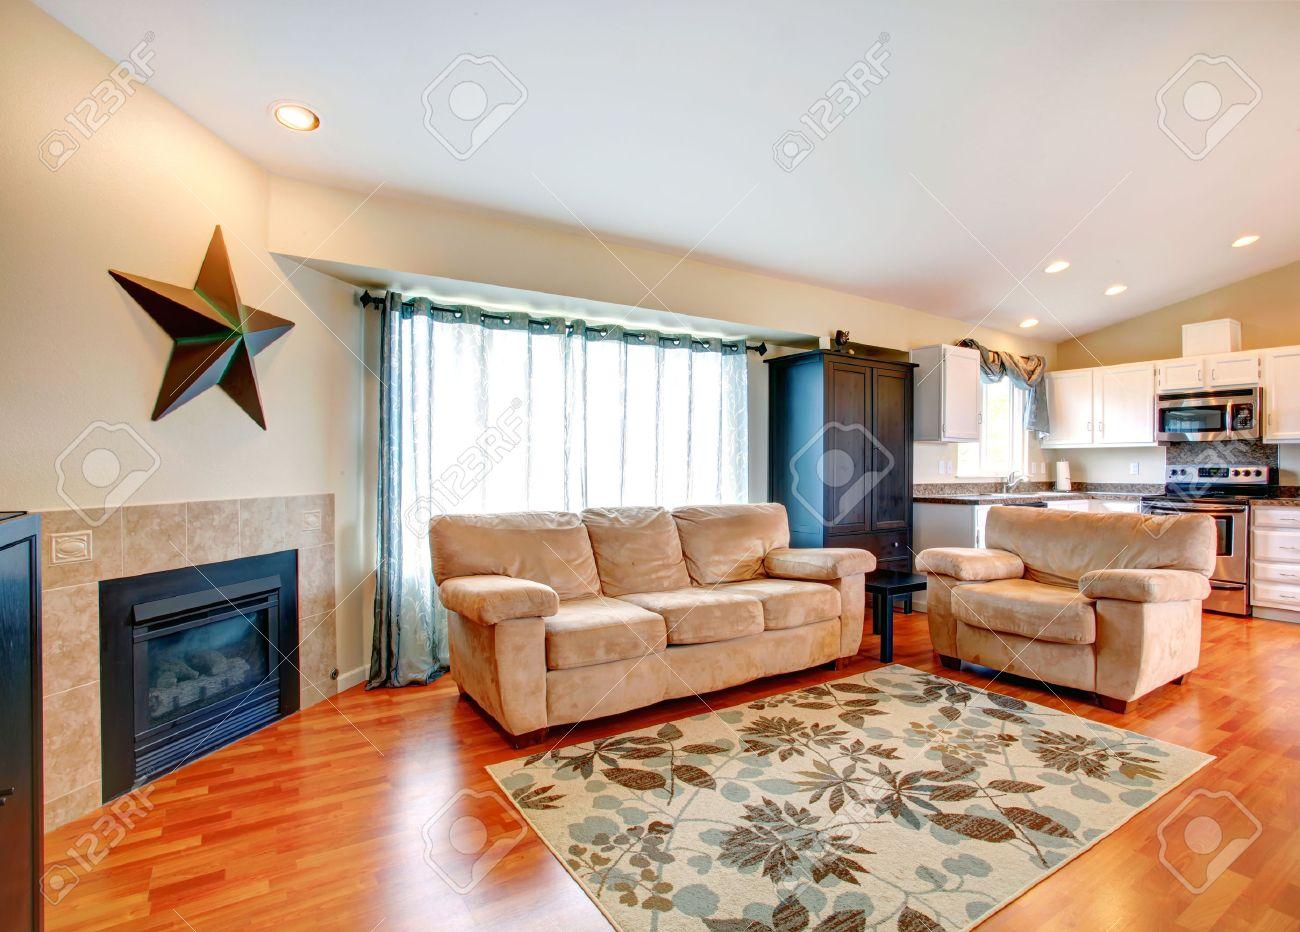 arredato soggiorno con camino, pavimento in legno e tappeto ... - Soggiorno Cucina Con Camino